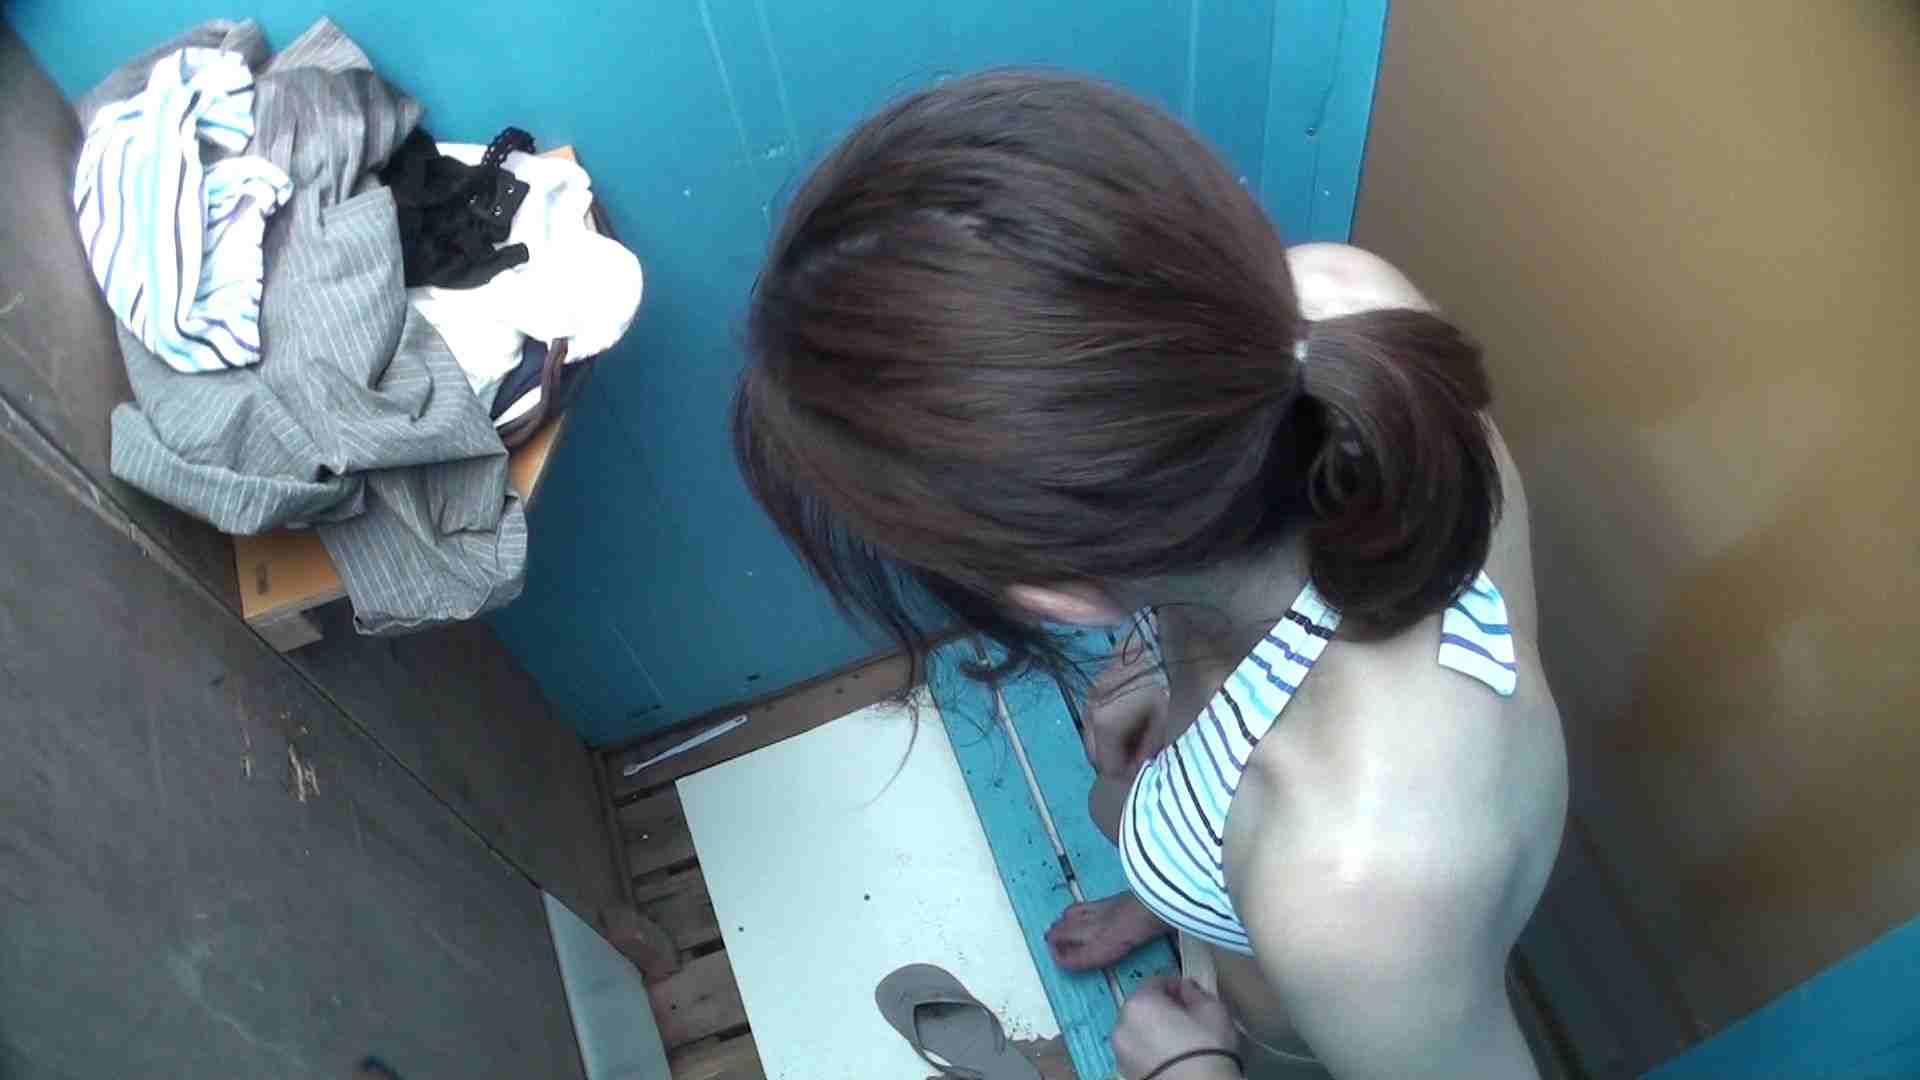 シャワールームは超!!危険な香りVol.27 乳首は一瞬貧乳姉さん 高画質モード ヌード画像 91画像 23